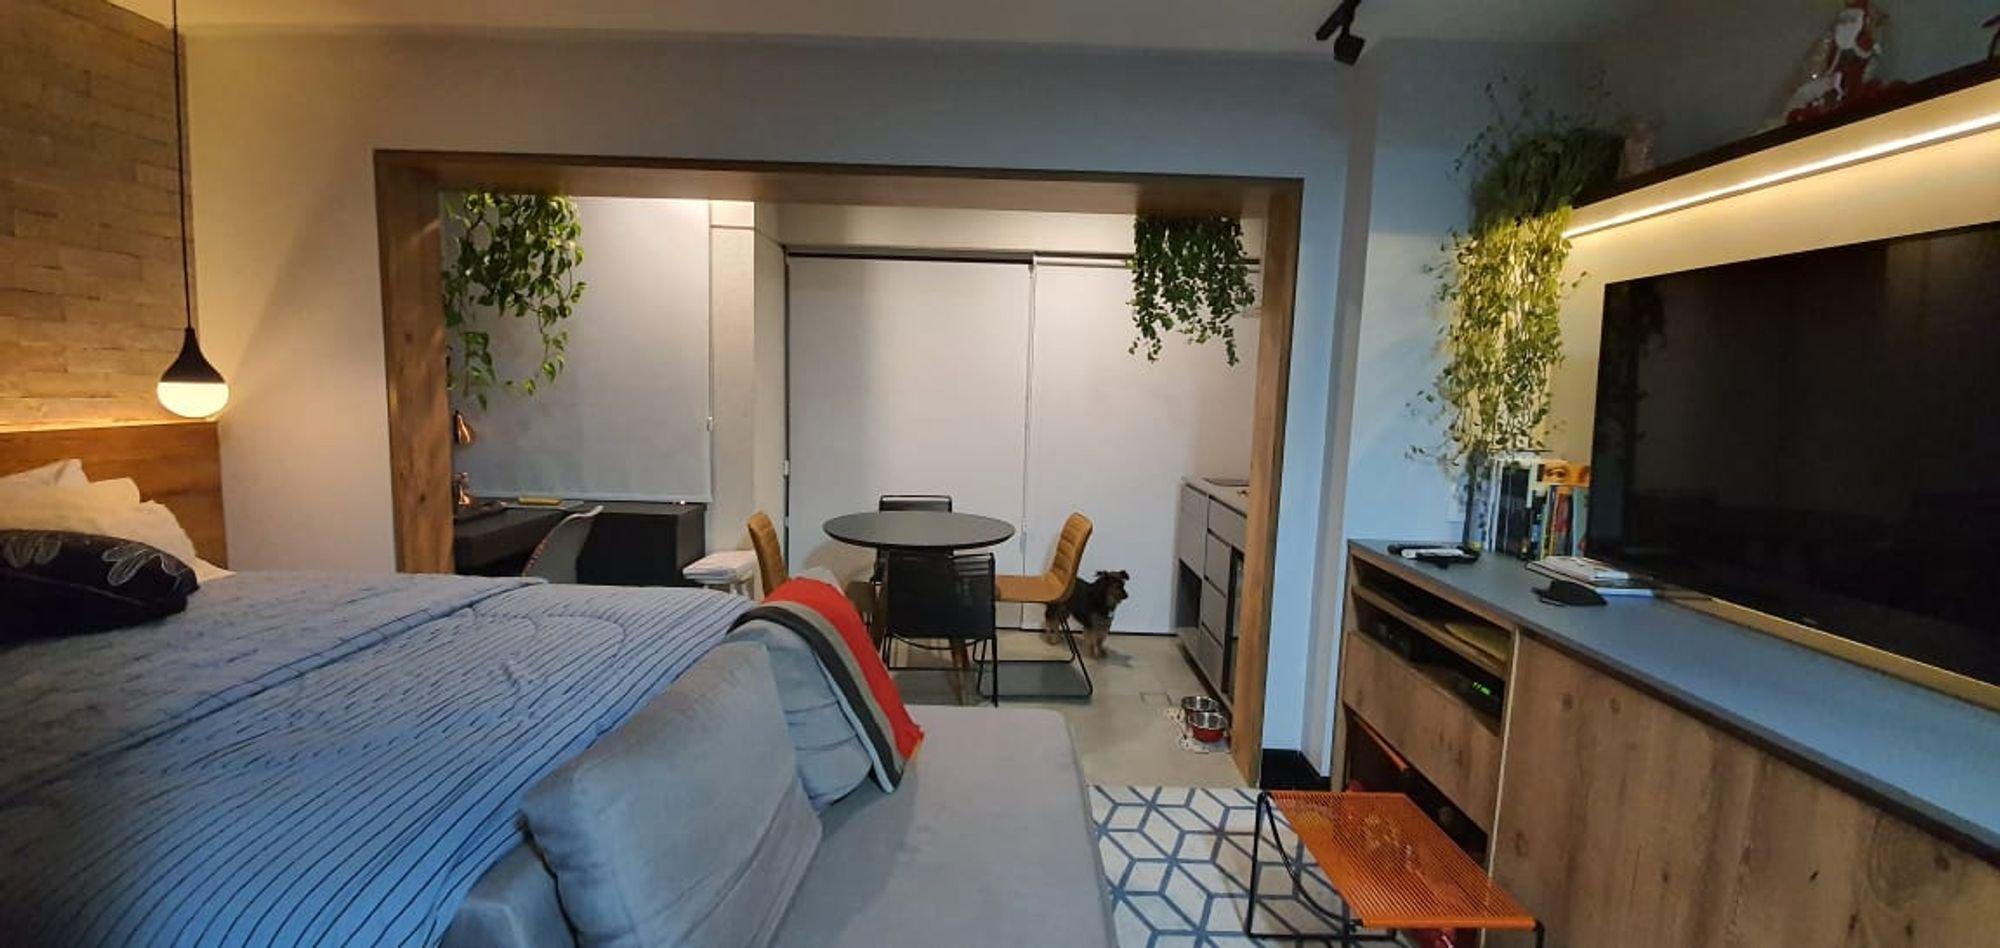 Foto de Quarto com cama, vaso de planta, televisão, cadeira